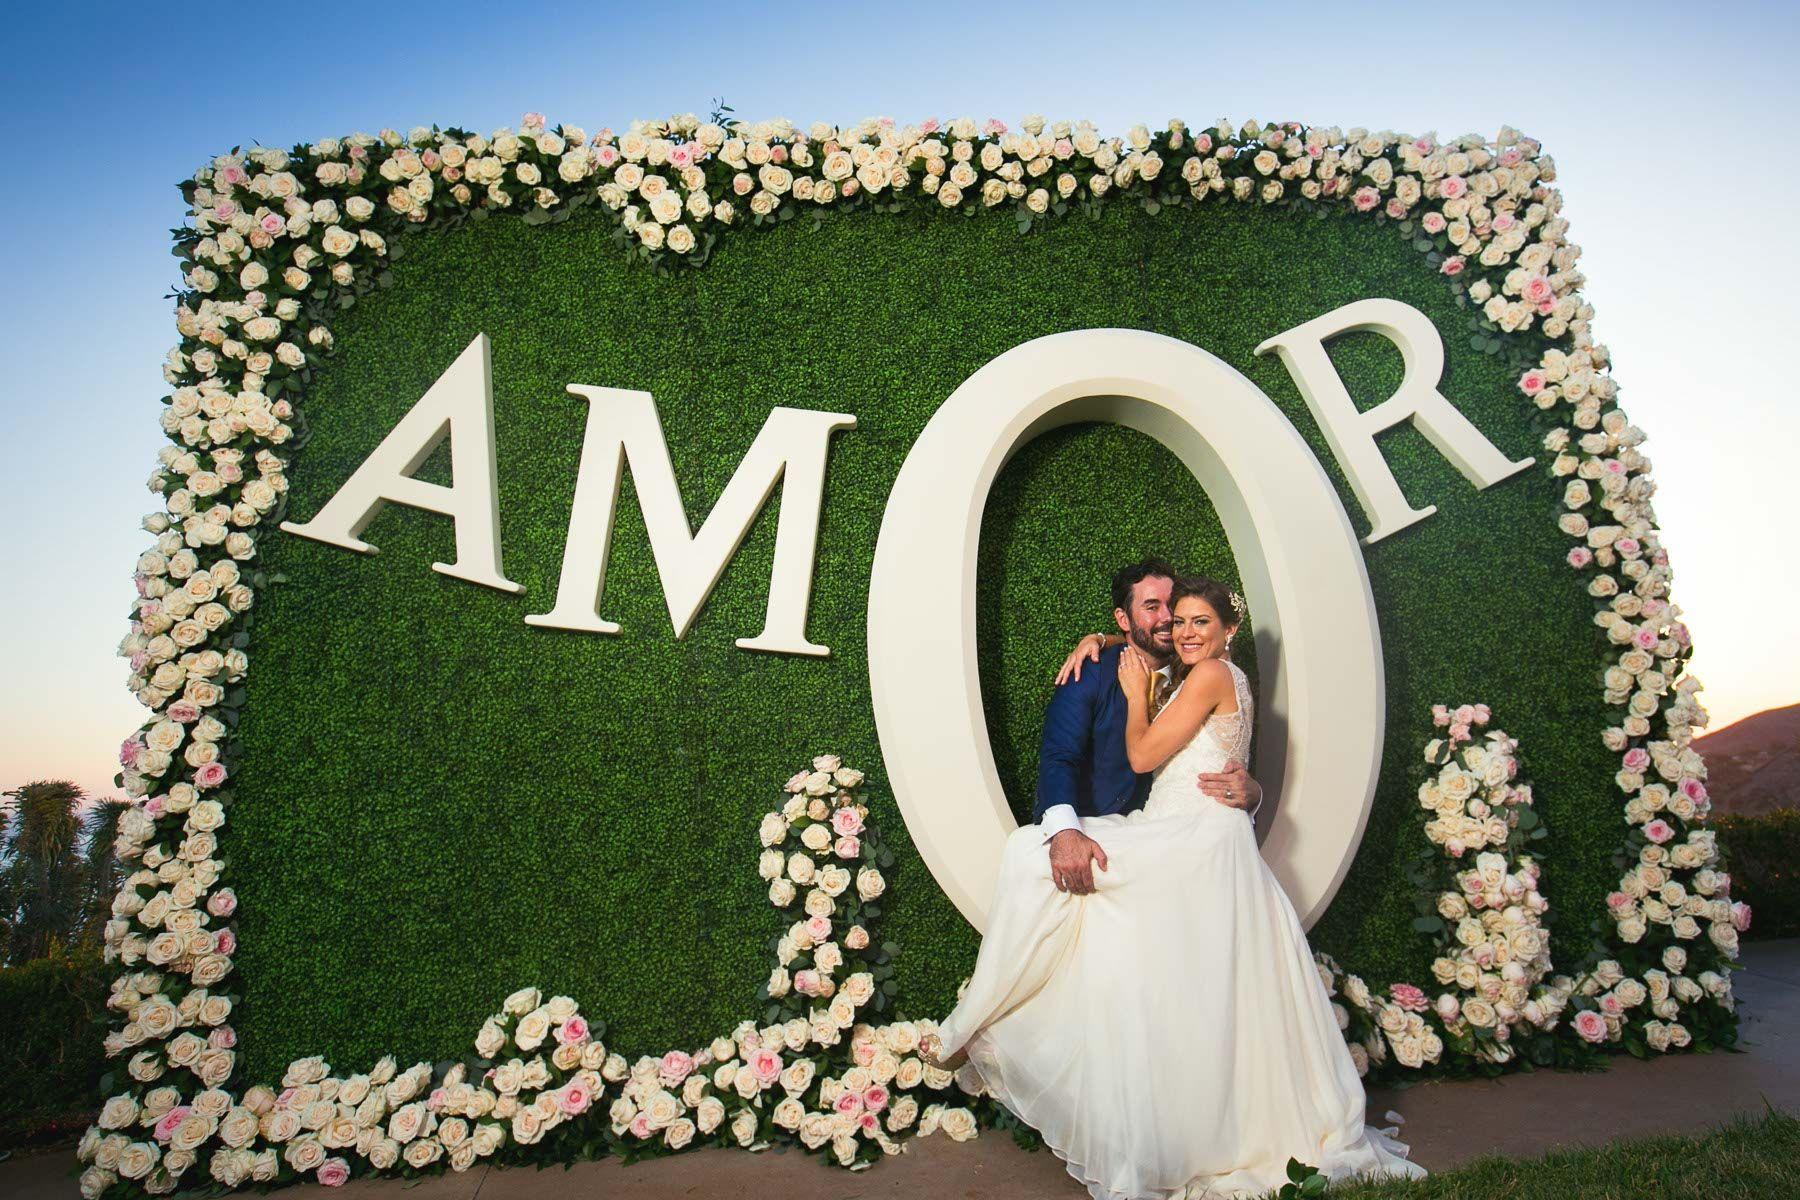 07-150919-Carolina-Wedding-16532-Edit